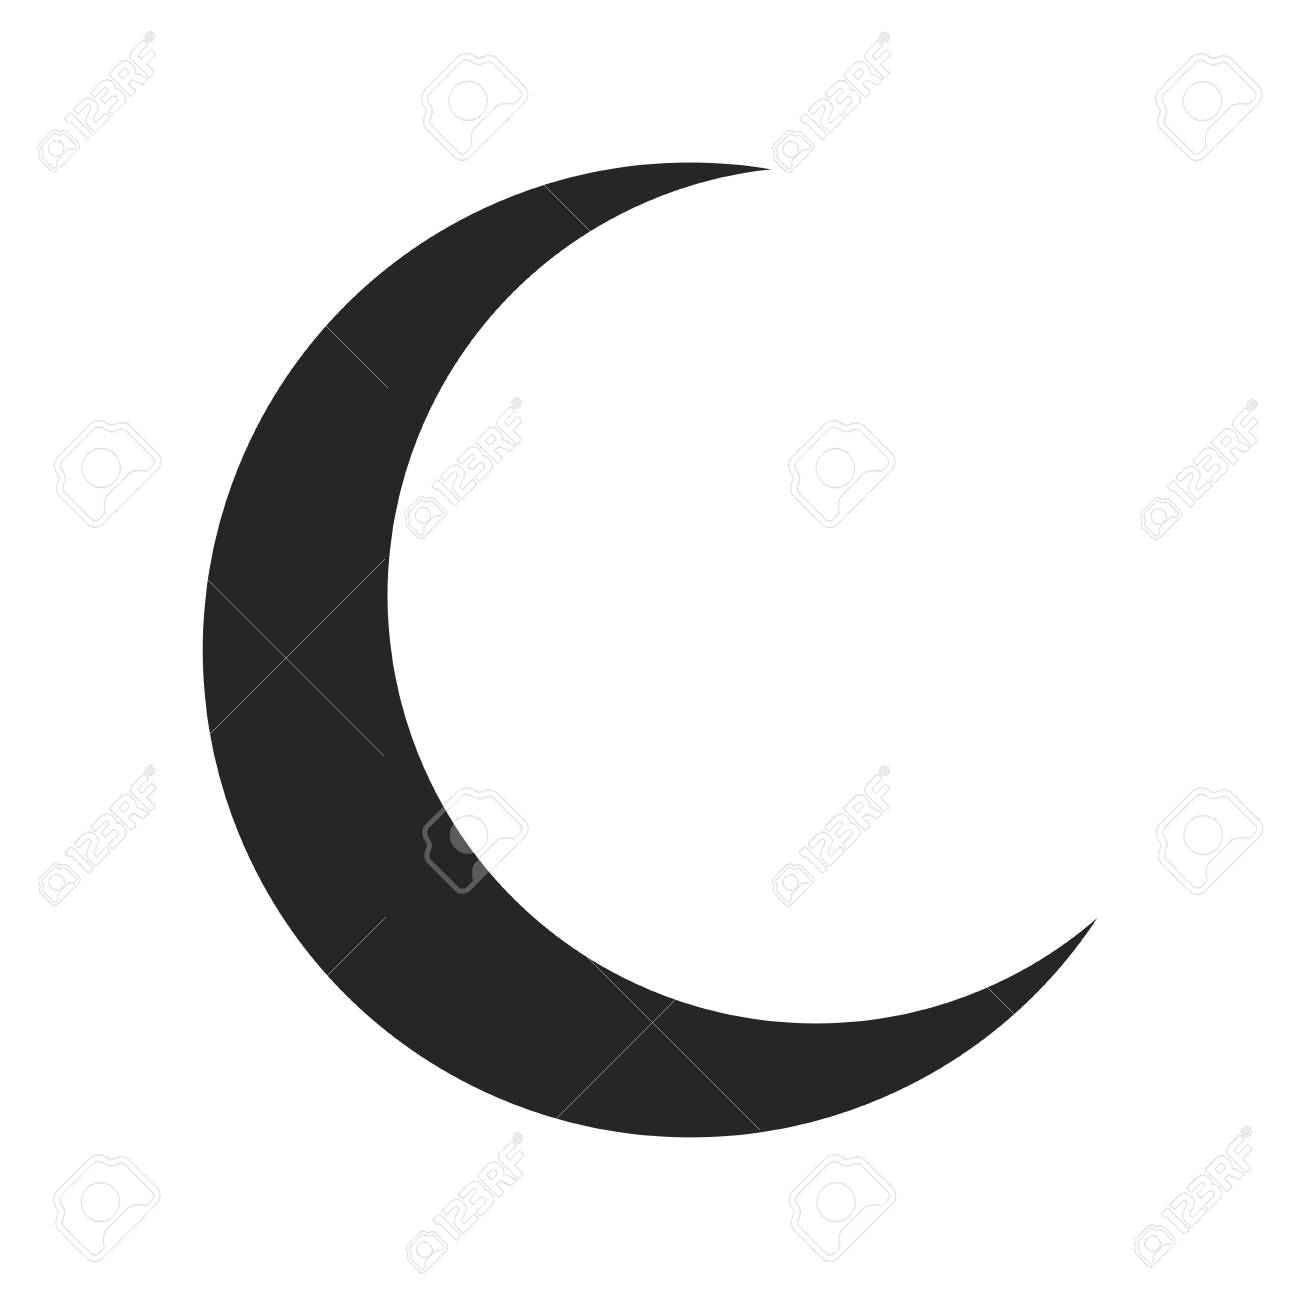 Croissant De Lune Silhouette Vecteur Symbole Icone Design Belle Illustration Isole Sur Fond Blanc Clip Art Libres De Droits Vecteurs Et Illustration Image 69824235